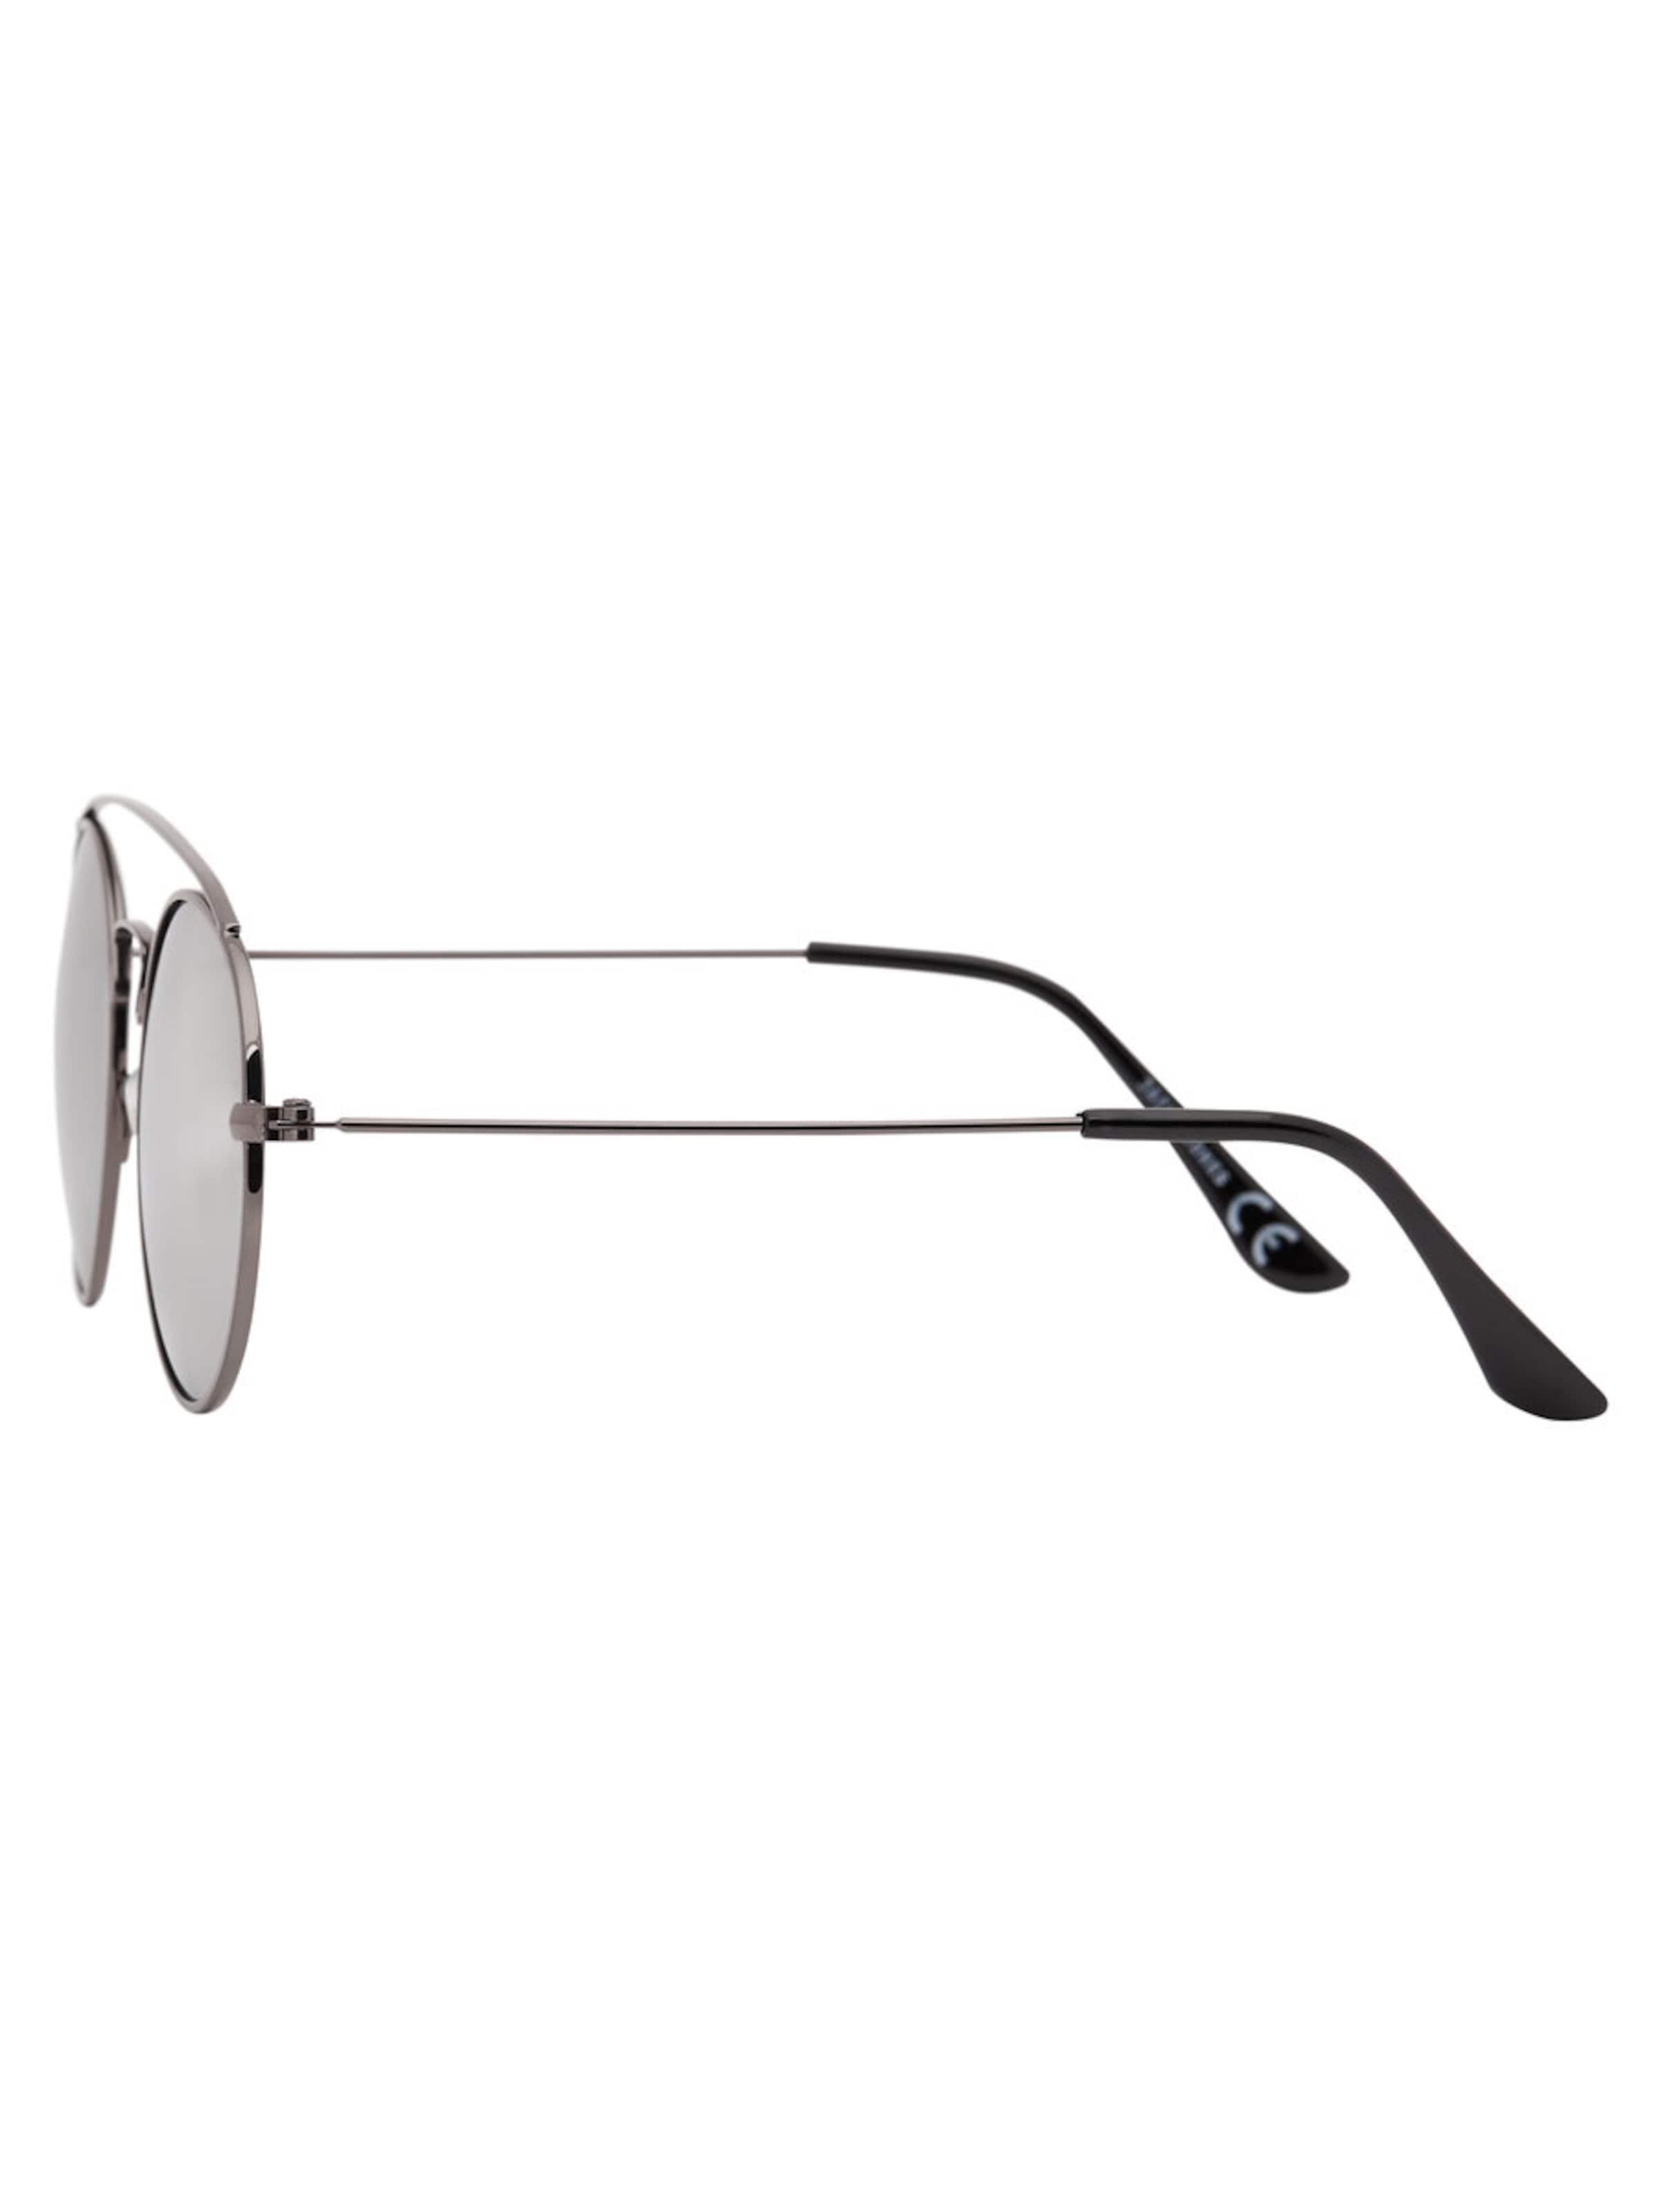 Jones Jones Jackamp; Hellgrau Sonnenbrille Sonnenbrille In Sonnenbrille Jones Jackamp; Jackamp; Hellgrau In n0Z8XPkwNO